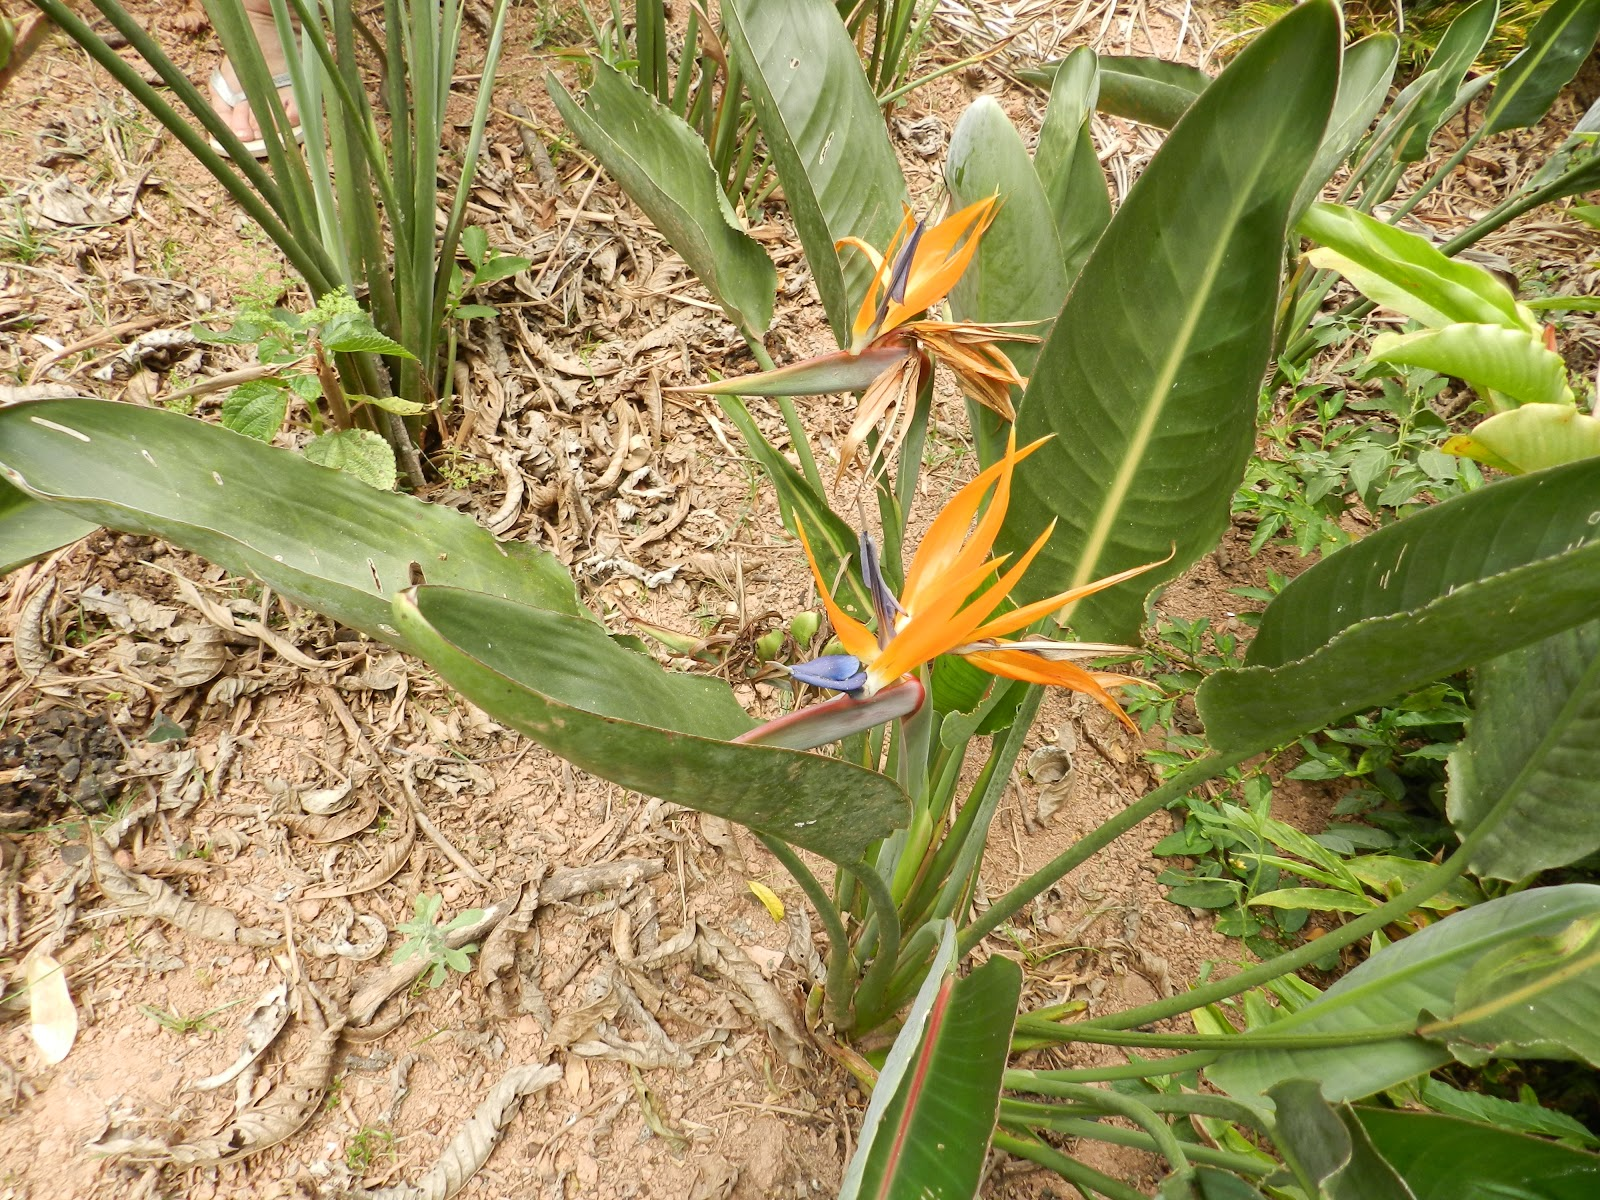 flores tropicais jardim : flores tropicais jardim:ESPÉCIES FLORIDAS